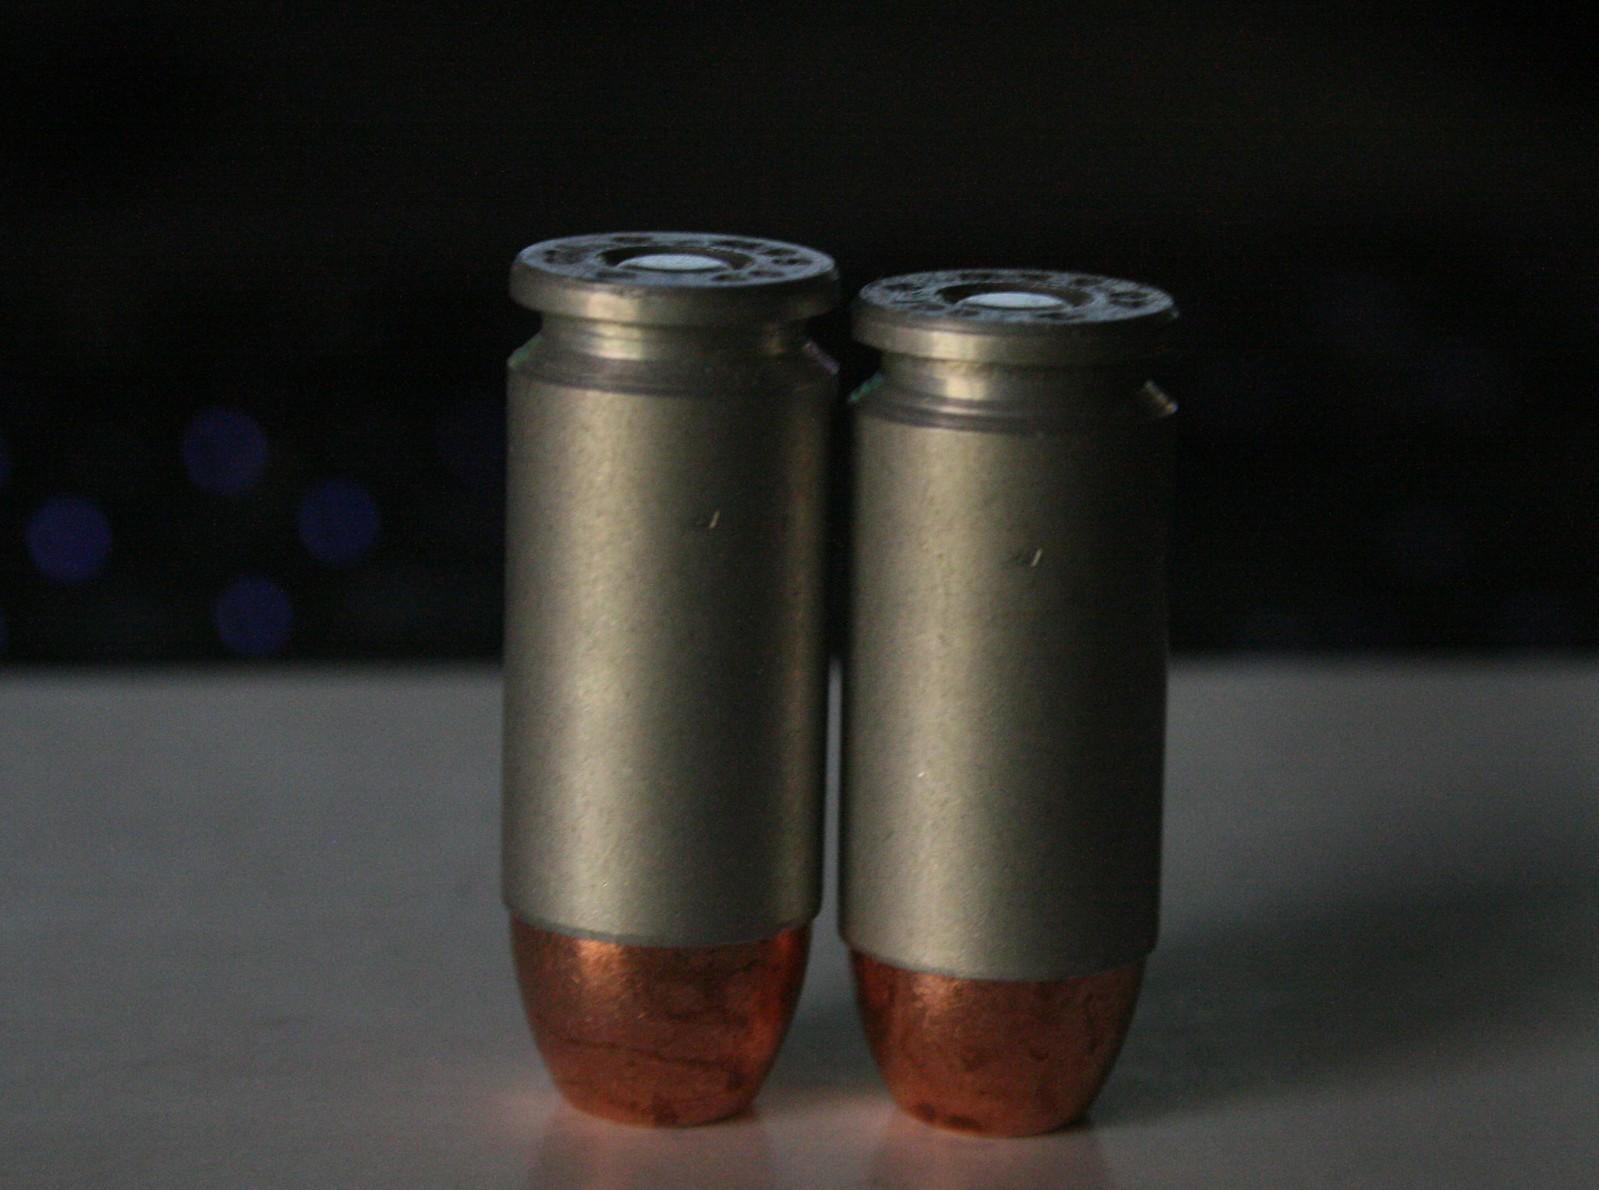 Le calibre 40S&W votre avis? 8077846125_73b97c6a03_h